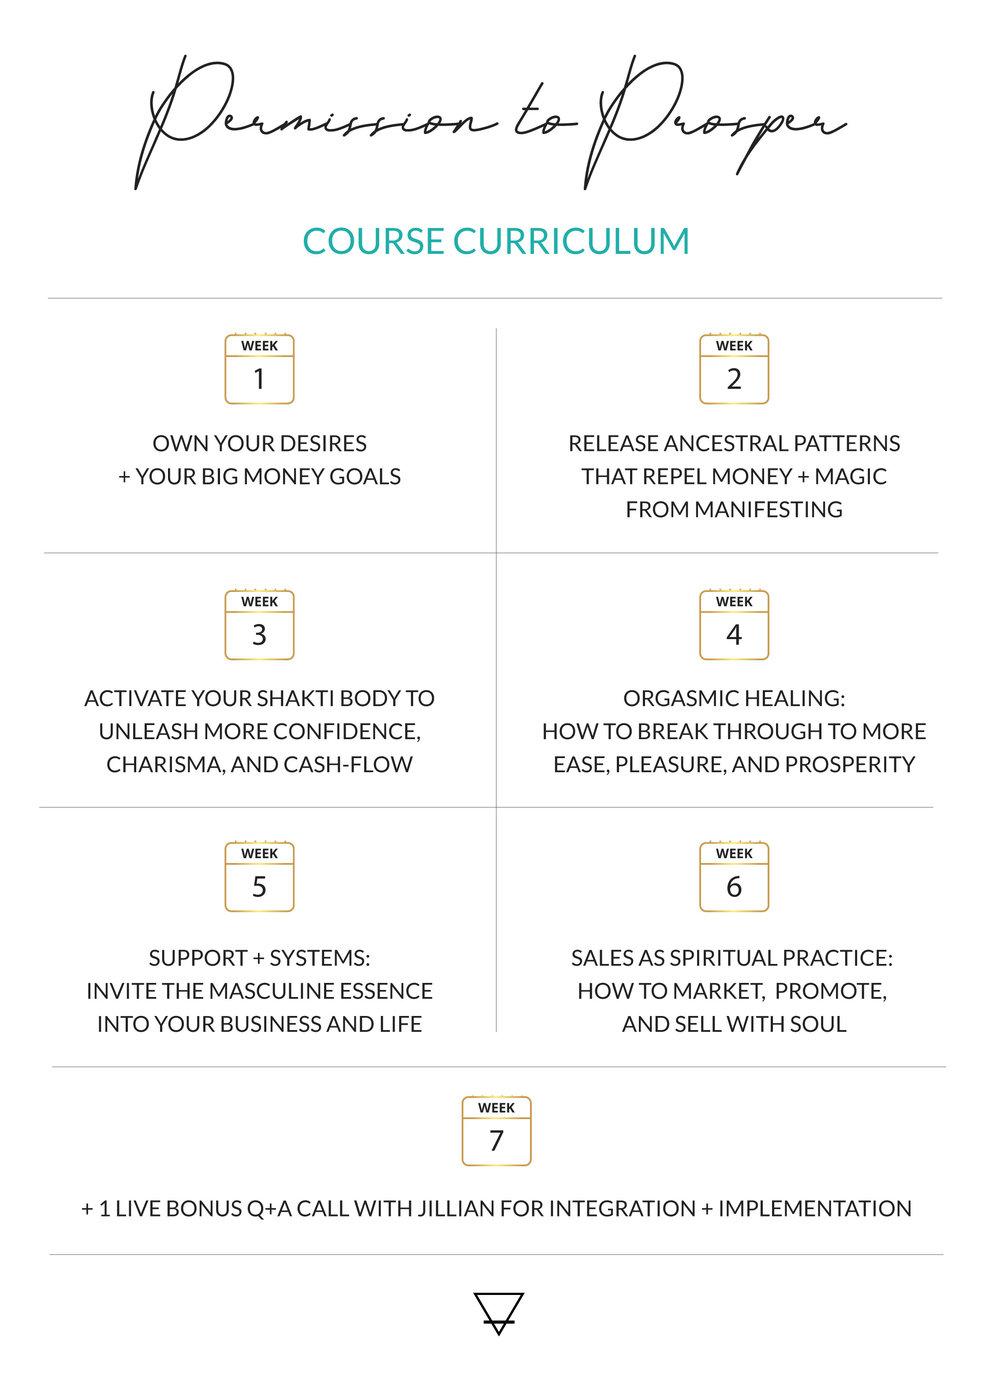 P2P-course-curriculum-.jpg